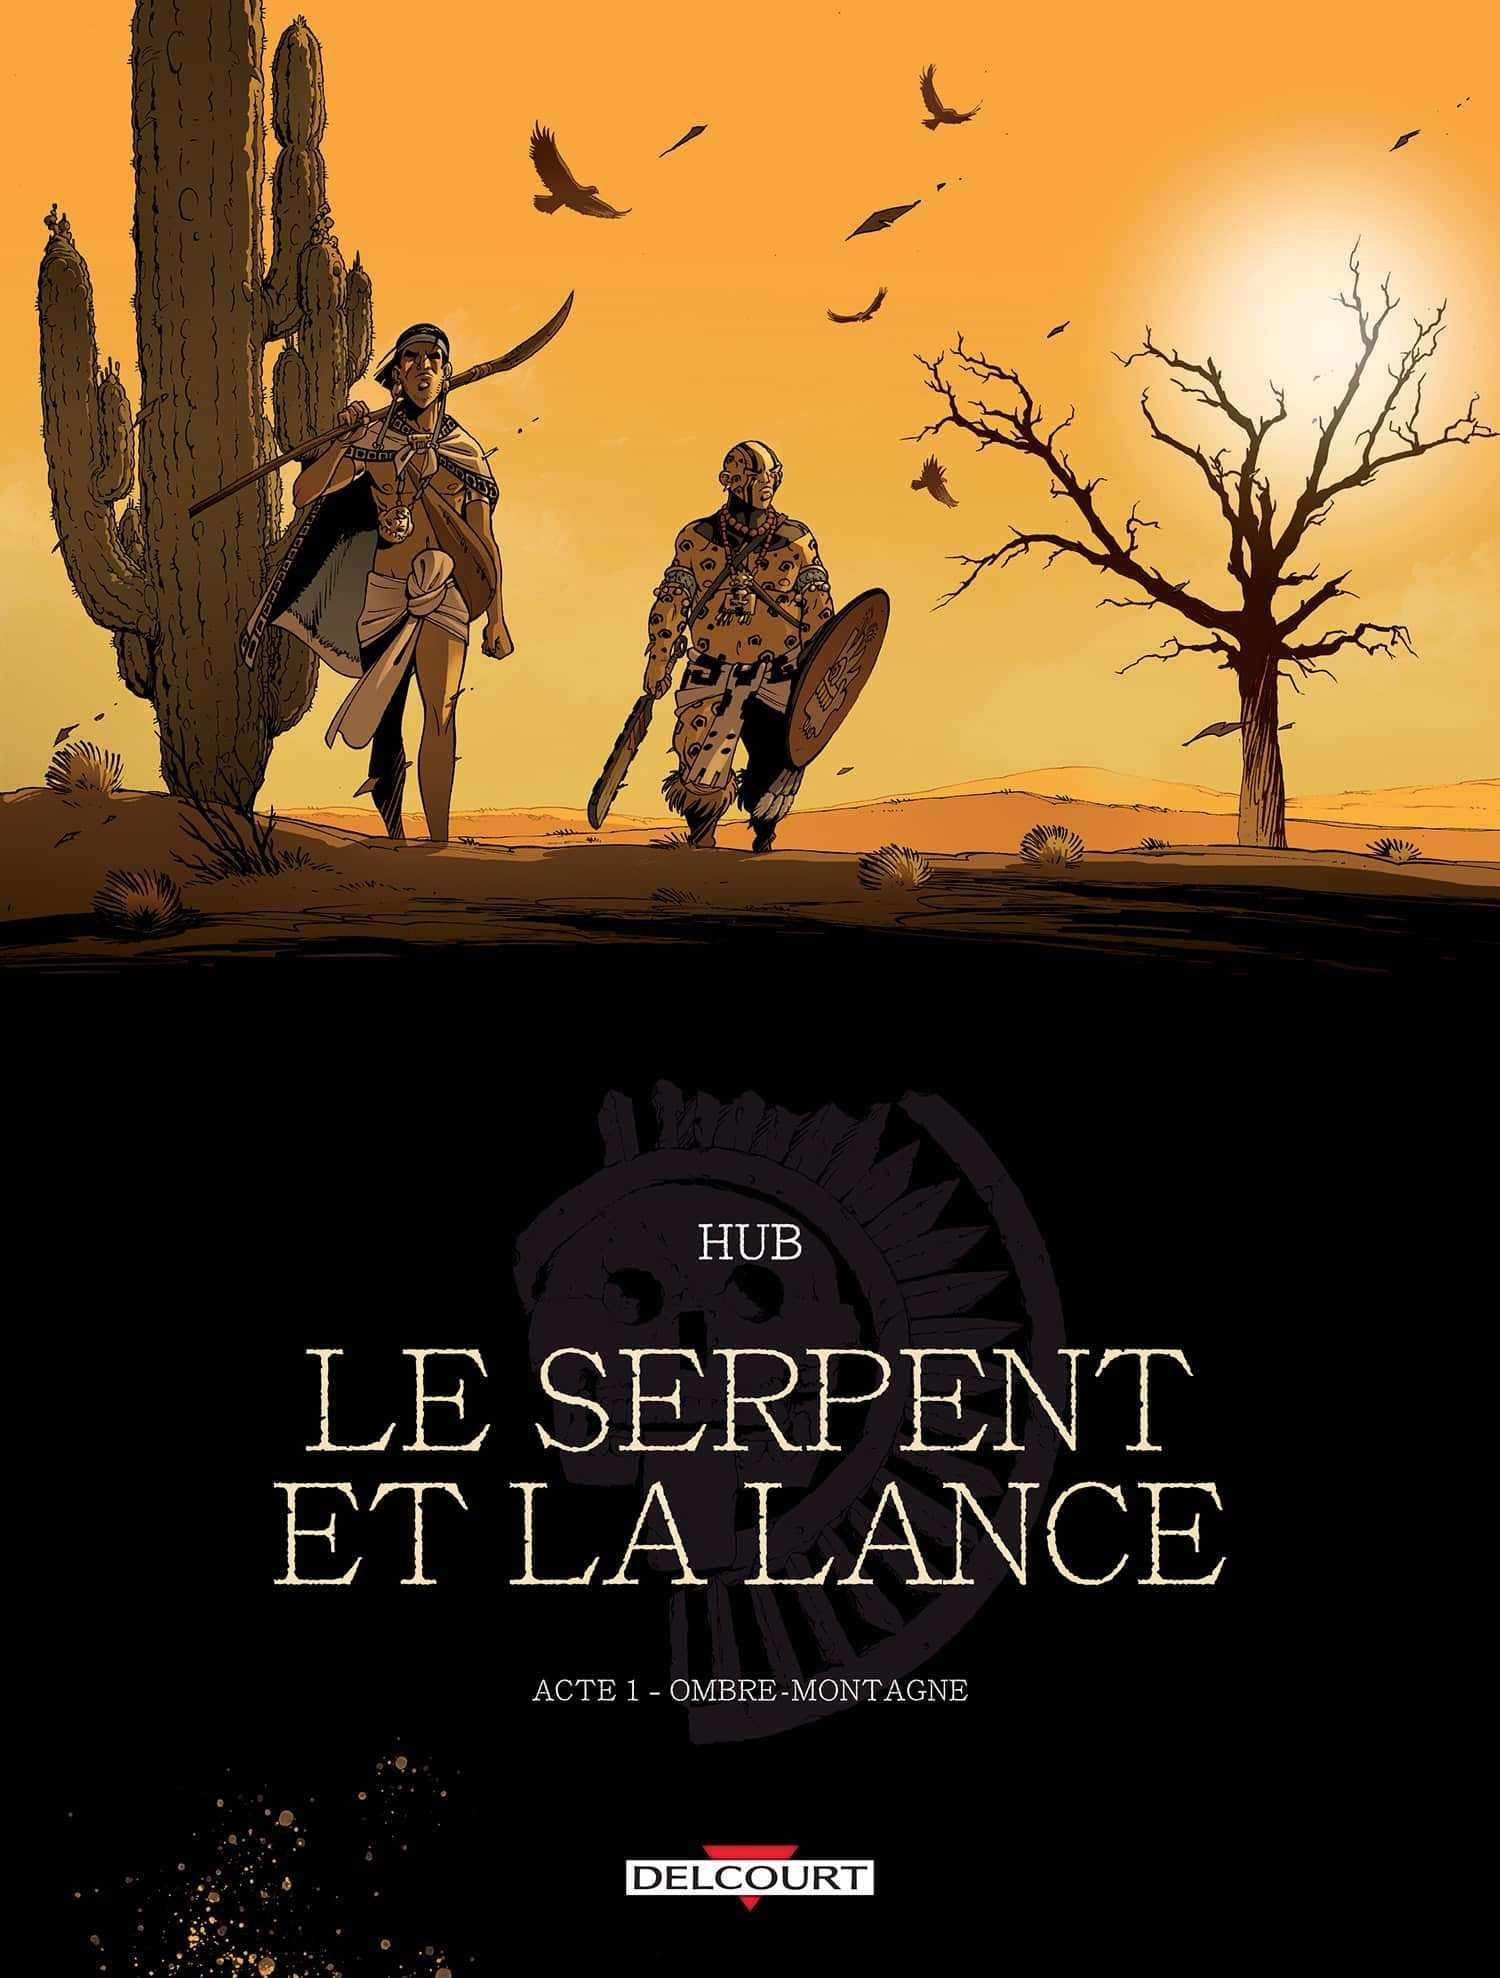 Le Serpent et la lance, thriller aztèque